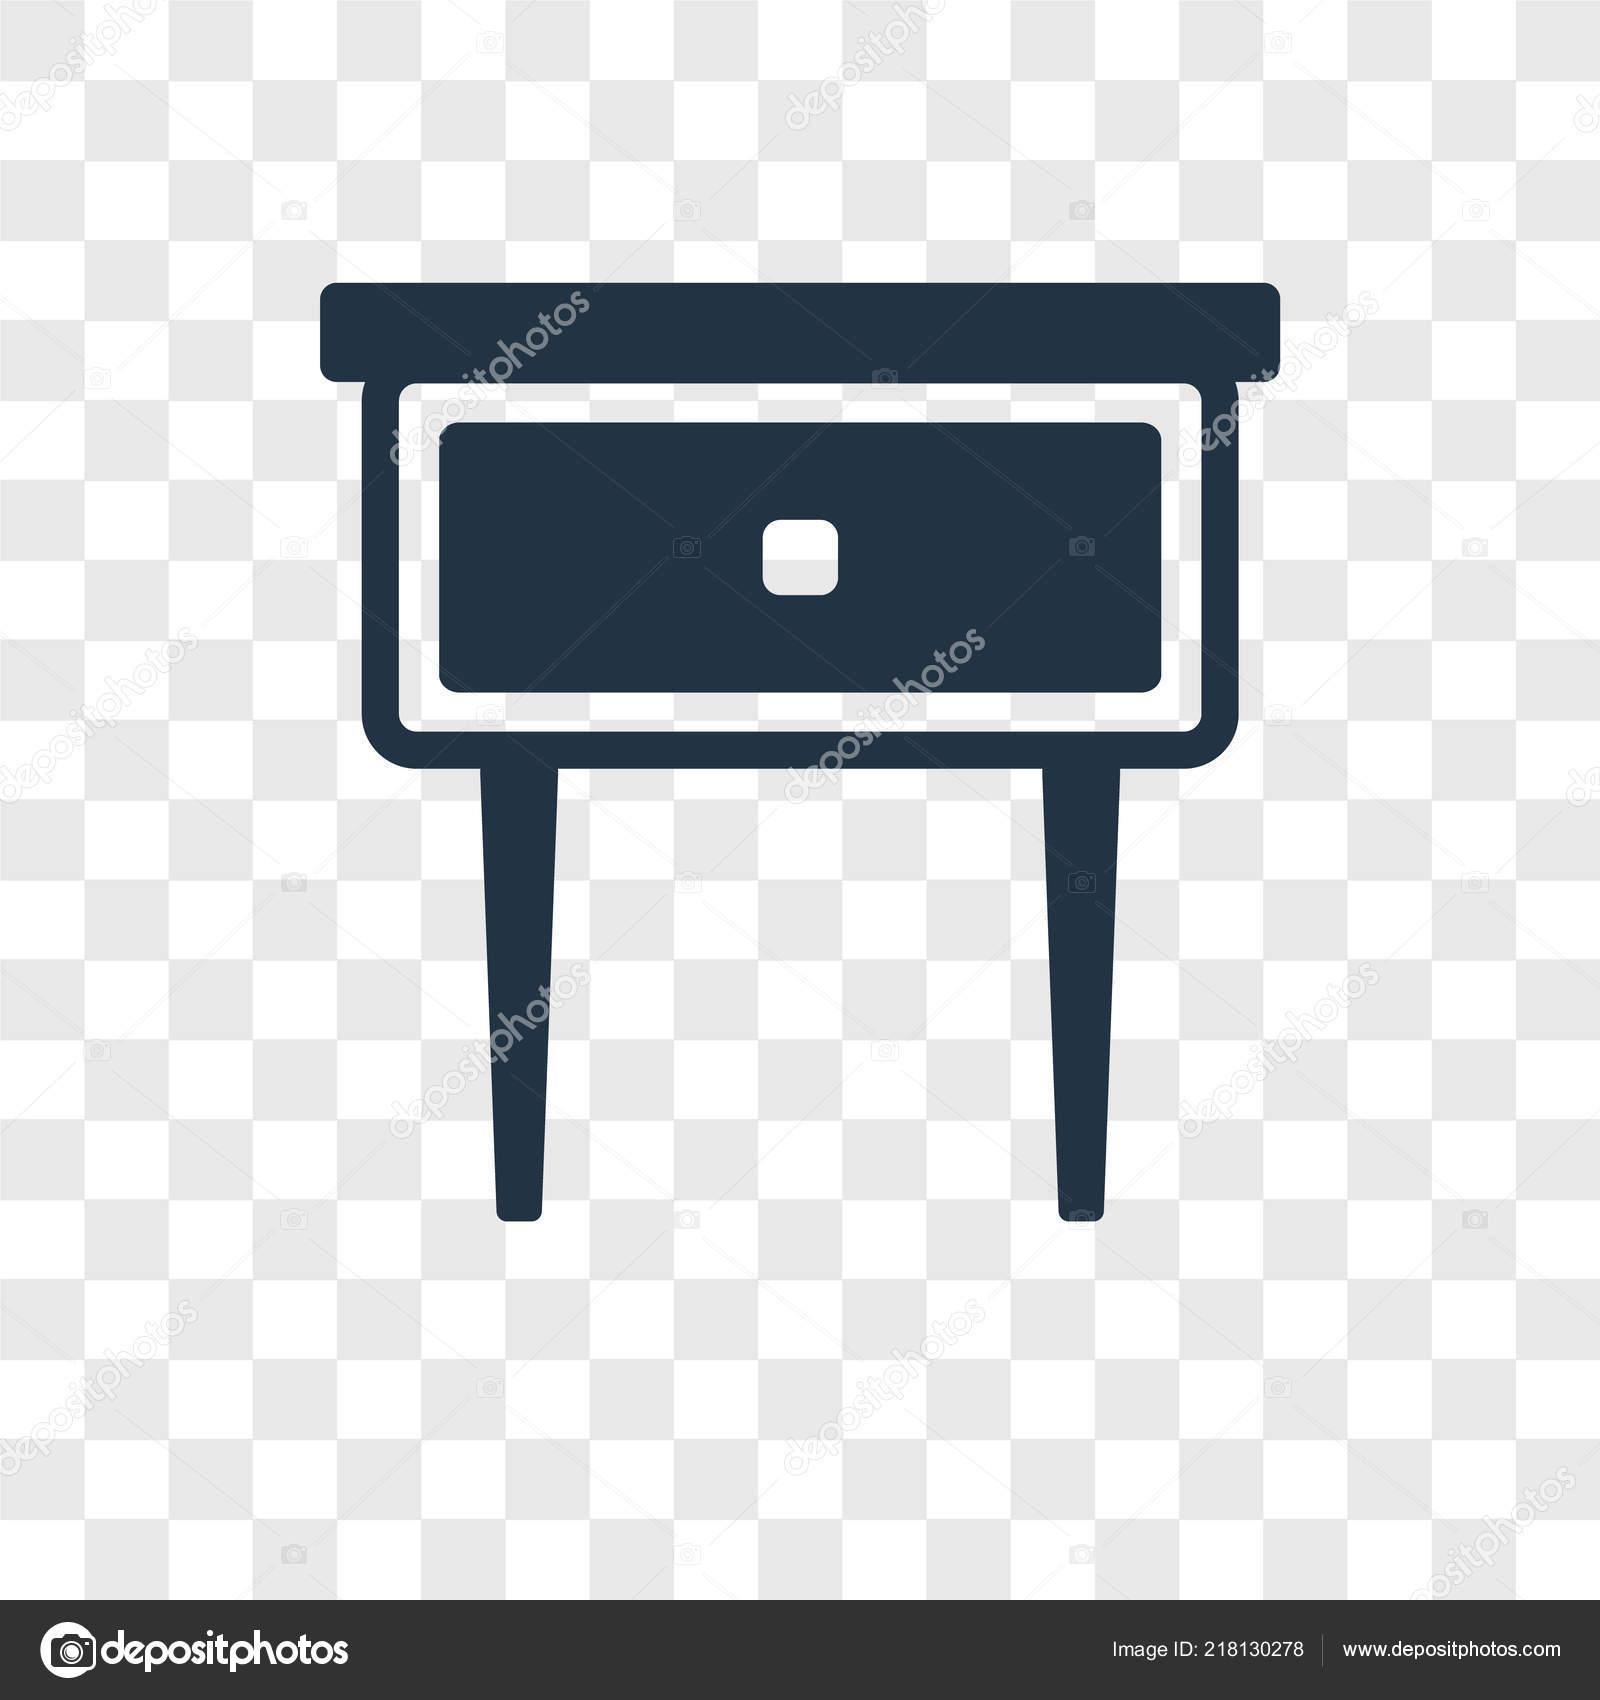 Icone Vecteur Table Chevet Isole Sur Fond Transparent Concept Chevet